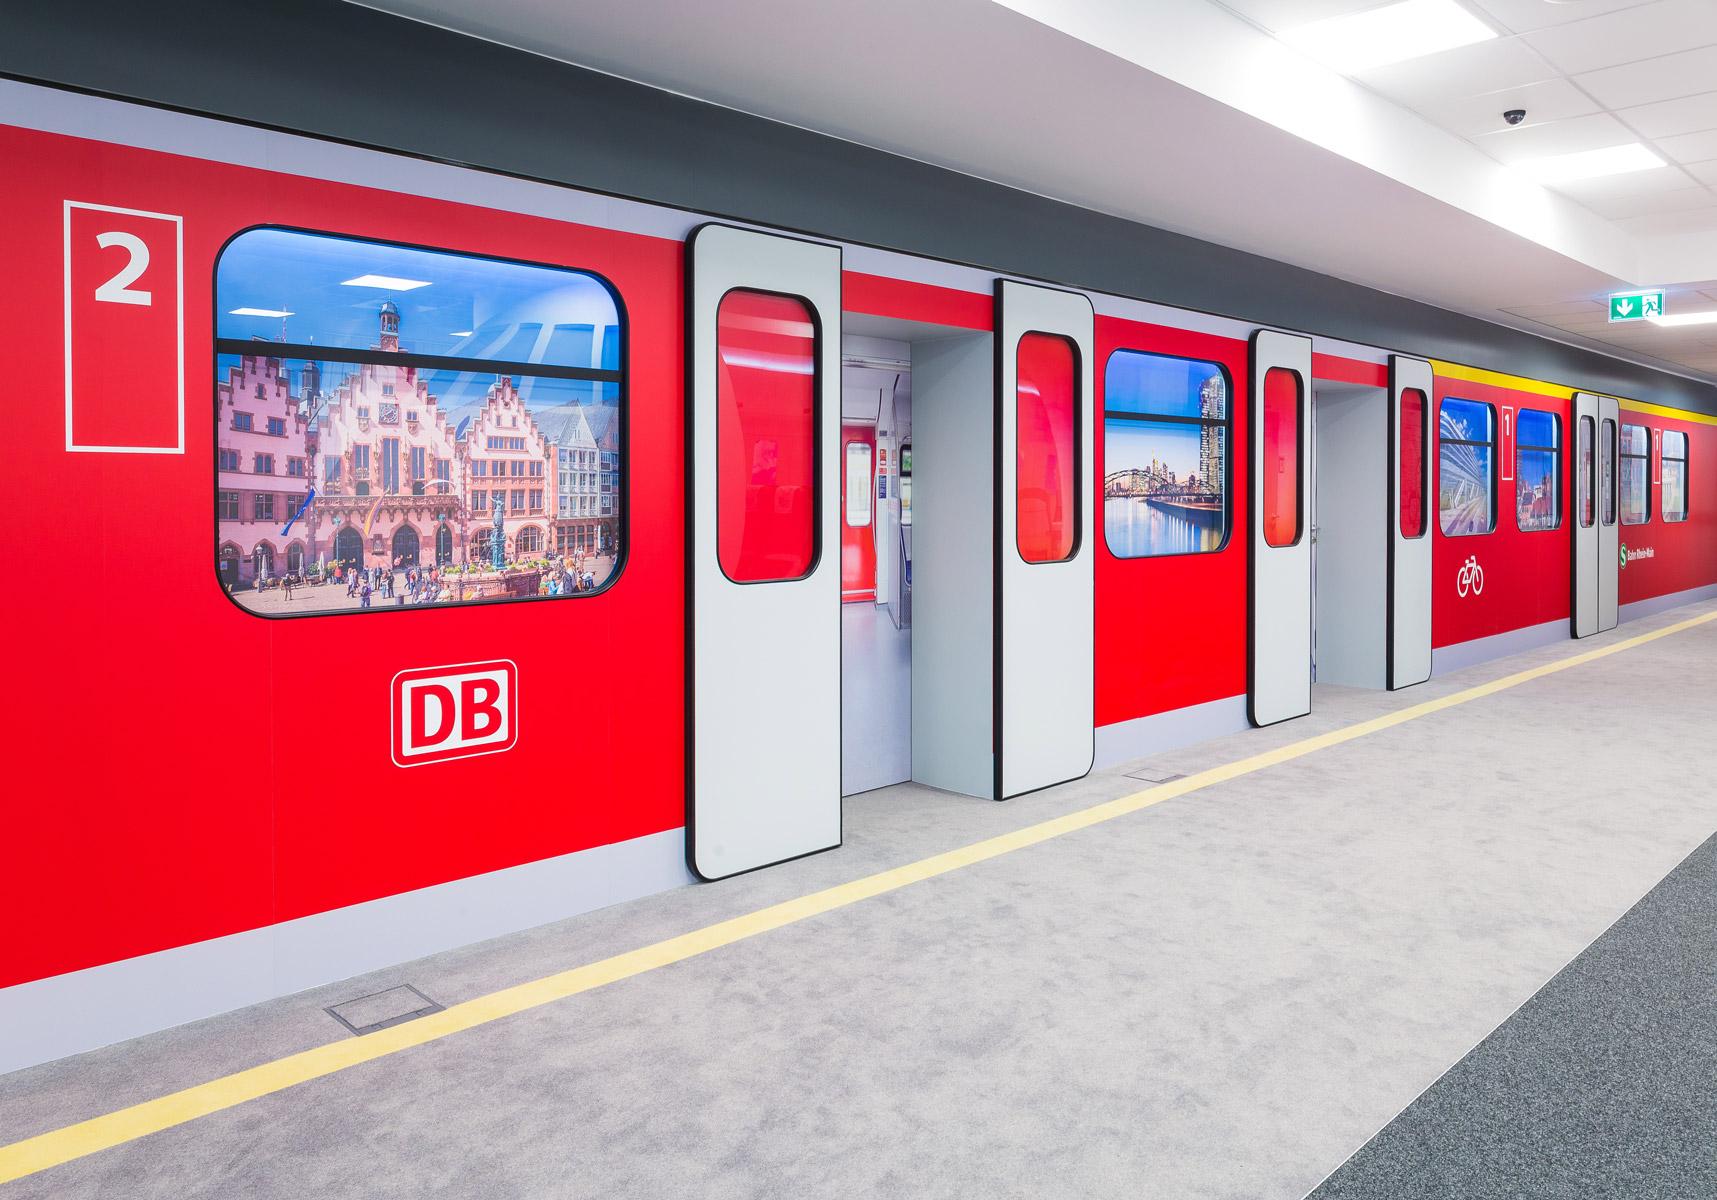 Agentur-für-Arbeit-Main-Biz-Erlebniswelt-Frankfurt-1717-1200_211